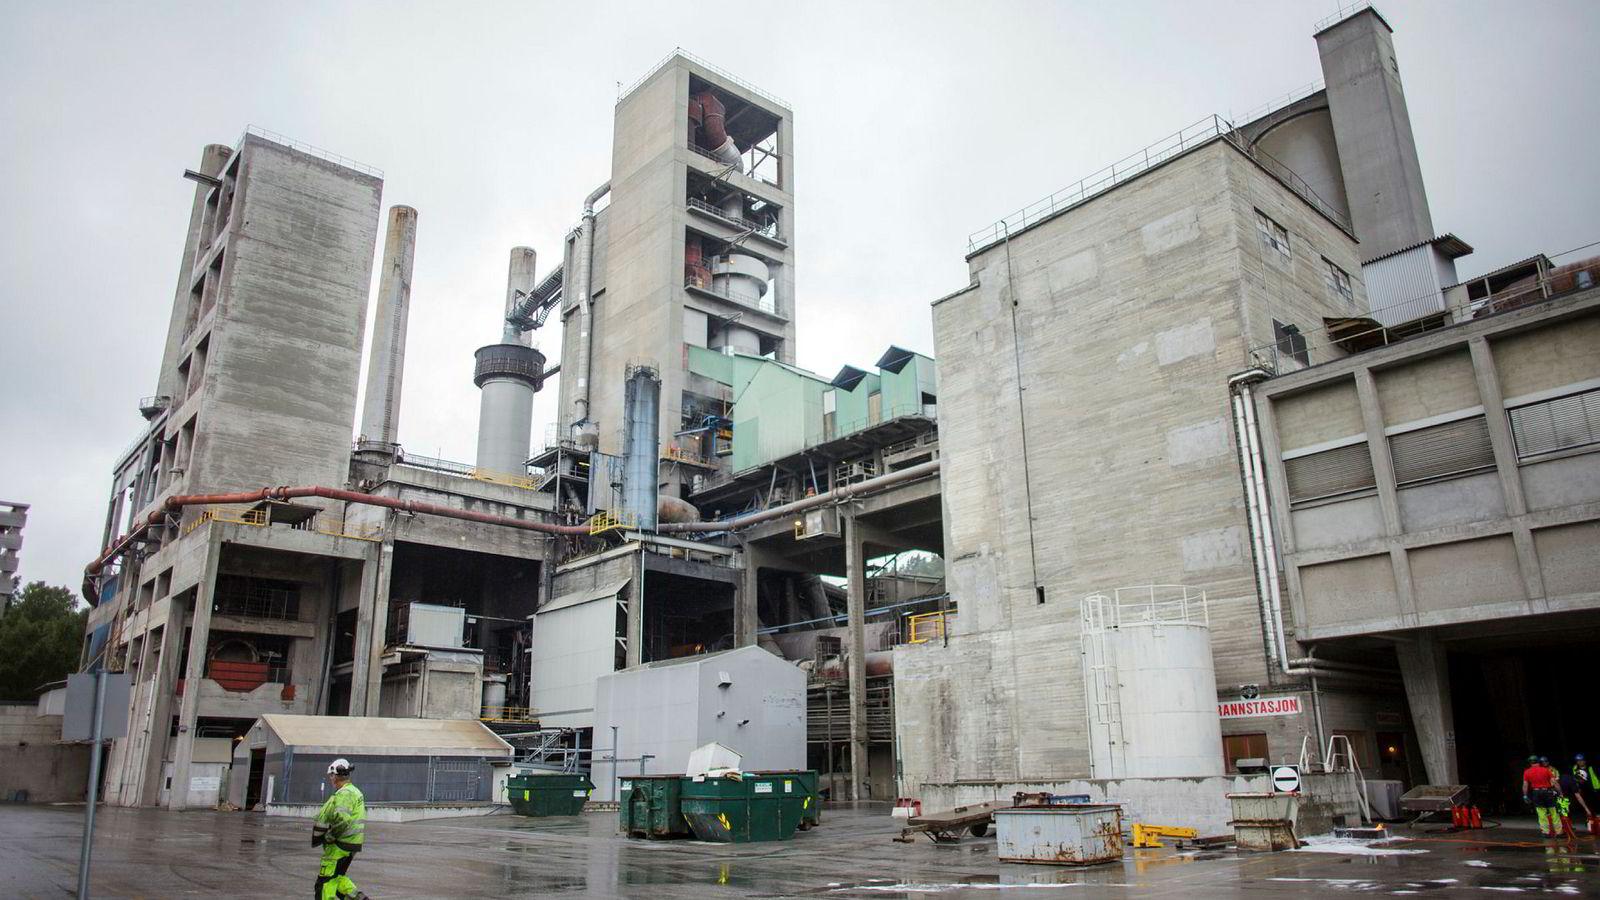 Norcems sementfabrikk her i Brevik er ett av to norske industrianlegg som er ment å inngå i regjeringens store CO2-fangst- og lagringsprosjekt.